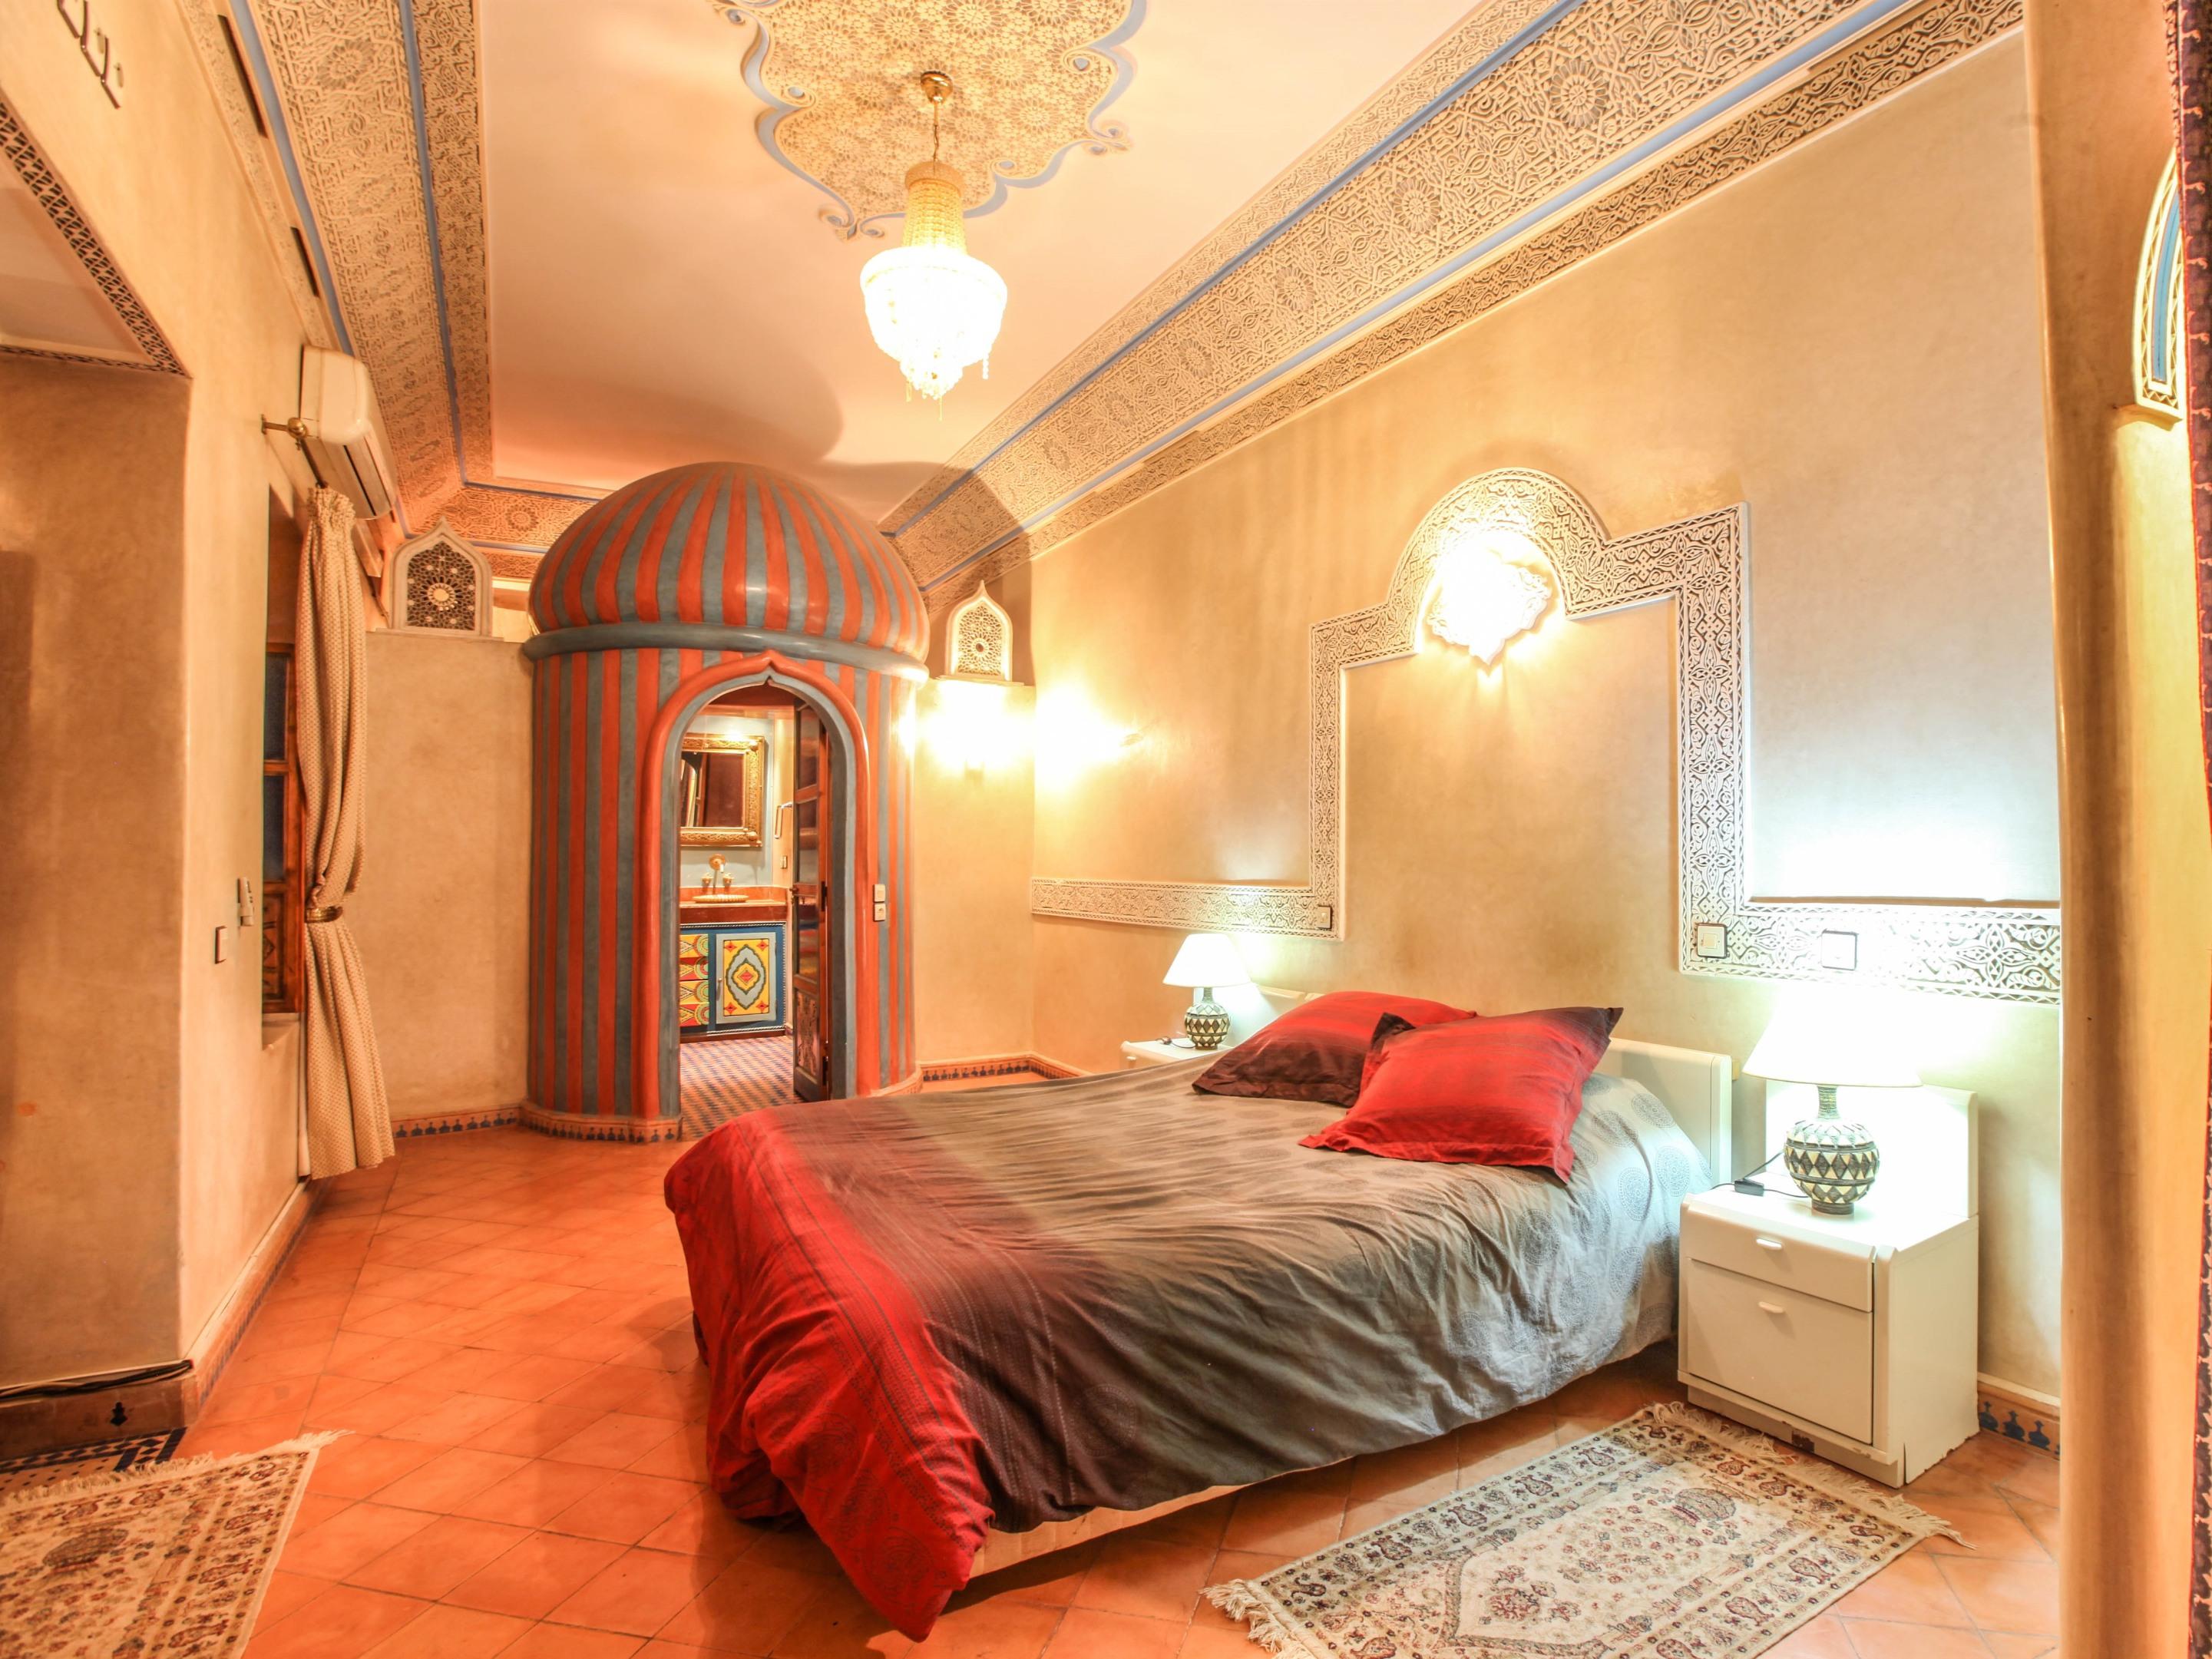 Suite Royale-Appartement-de Luxe-Salle de bain et douche-Vue sur Piscine - Tarif de base